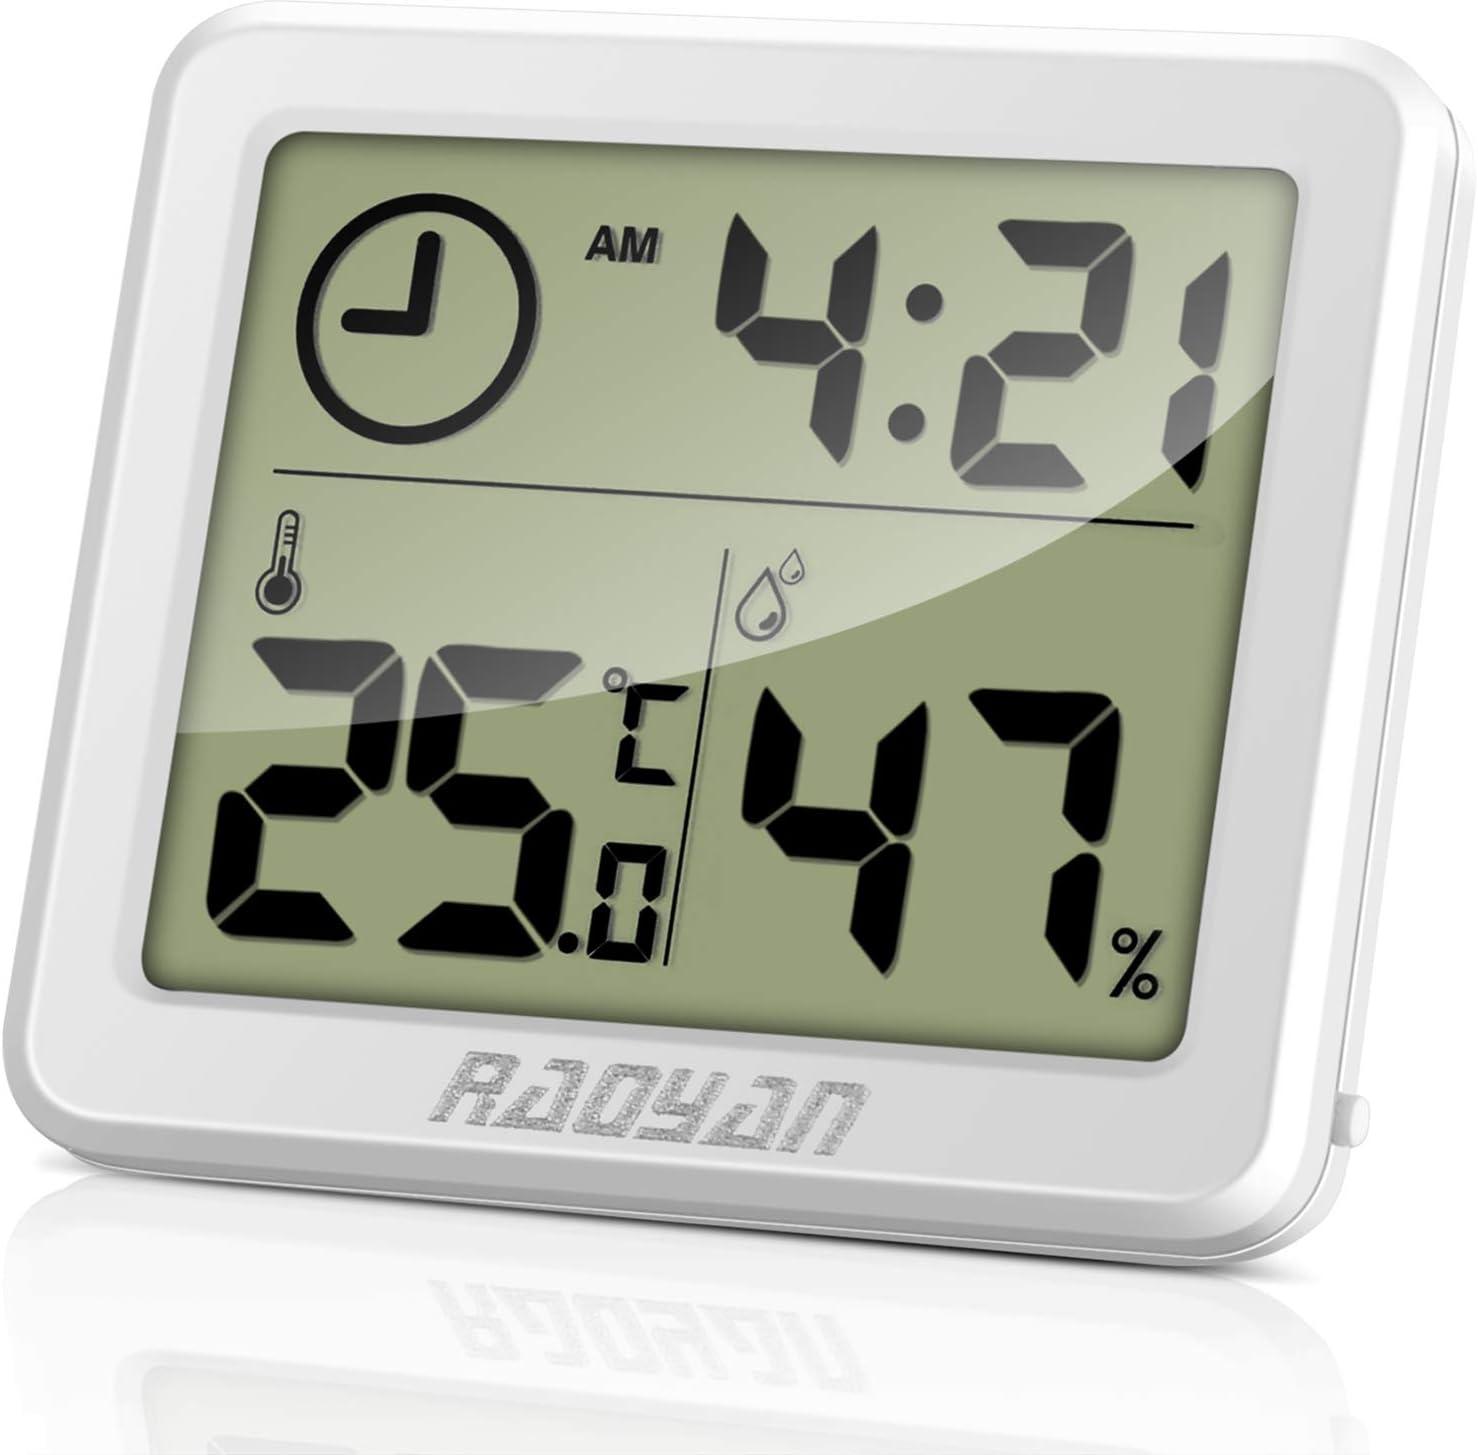 Raoyan Thermometer Hygrometer Thermometer Innen Mit Hohen Genauigkeit Temeo Hygro Indicator Zum Aufstellen Oder Zur Mit Raumklima Indikator Garten